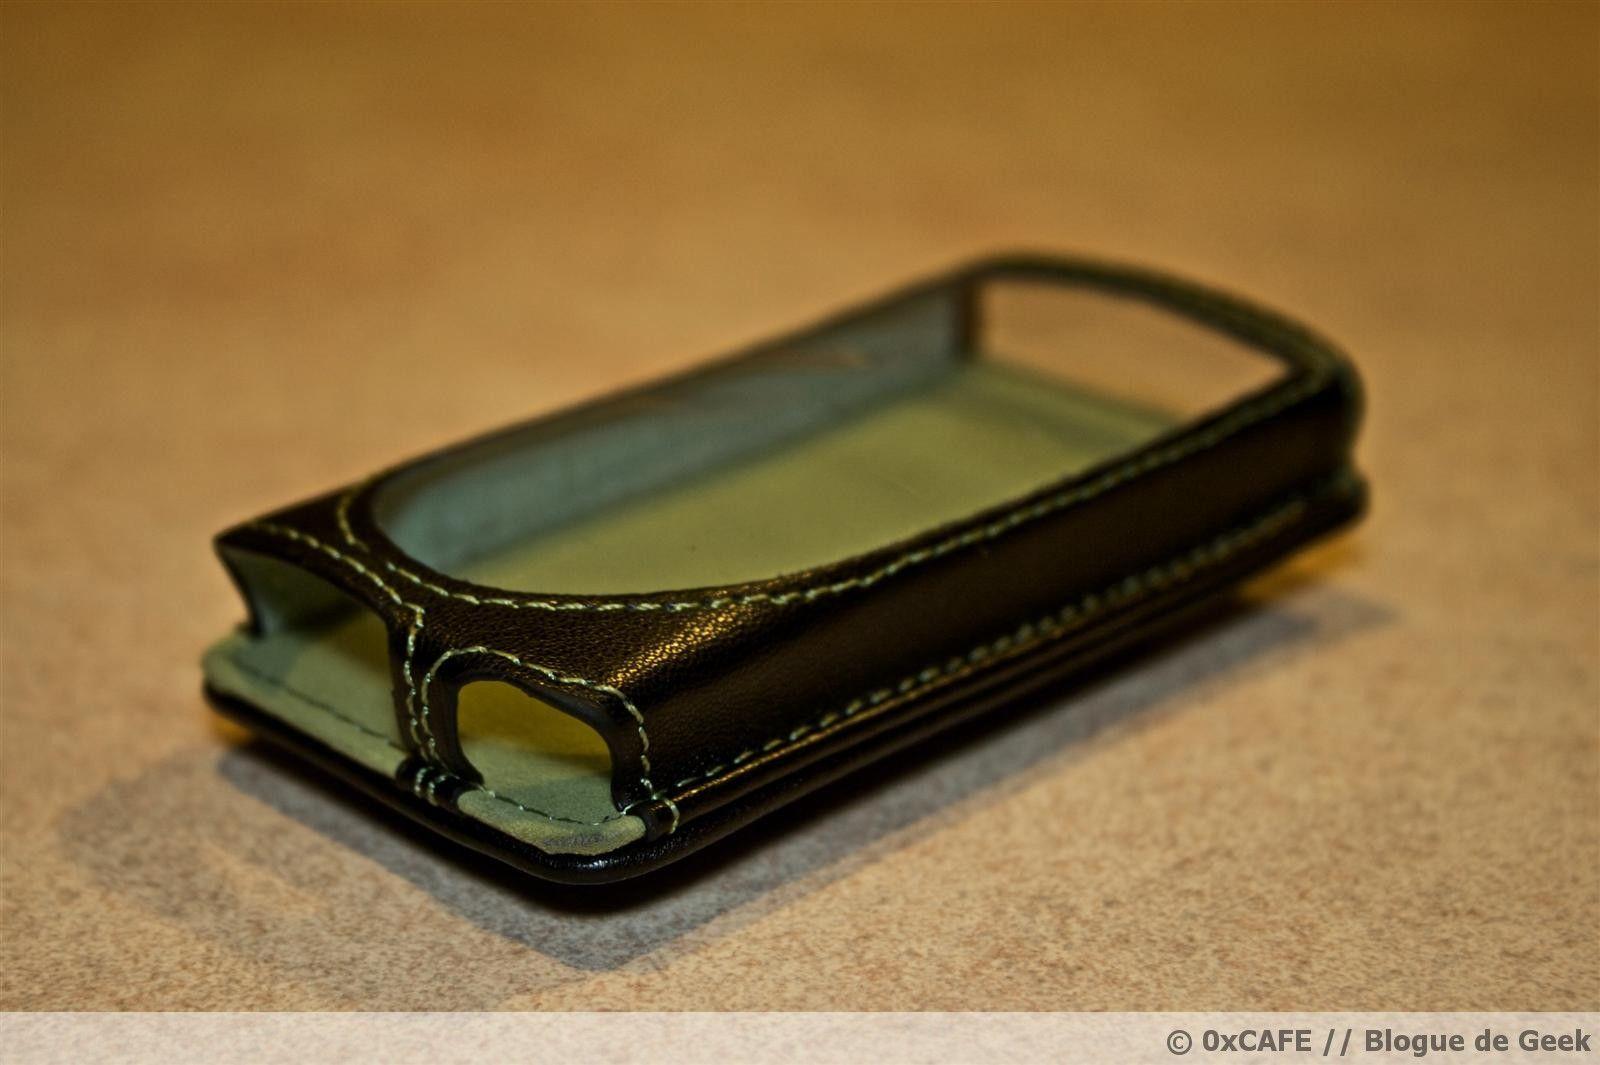 image 32 - [Évaluation] Étui de cuir HipCase de DLO pour le Zune 8Go